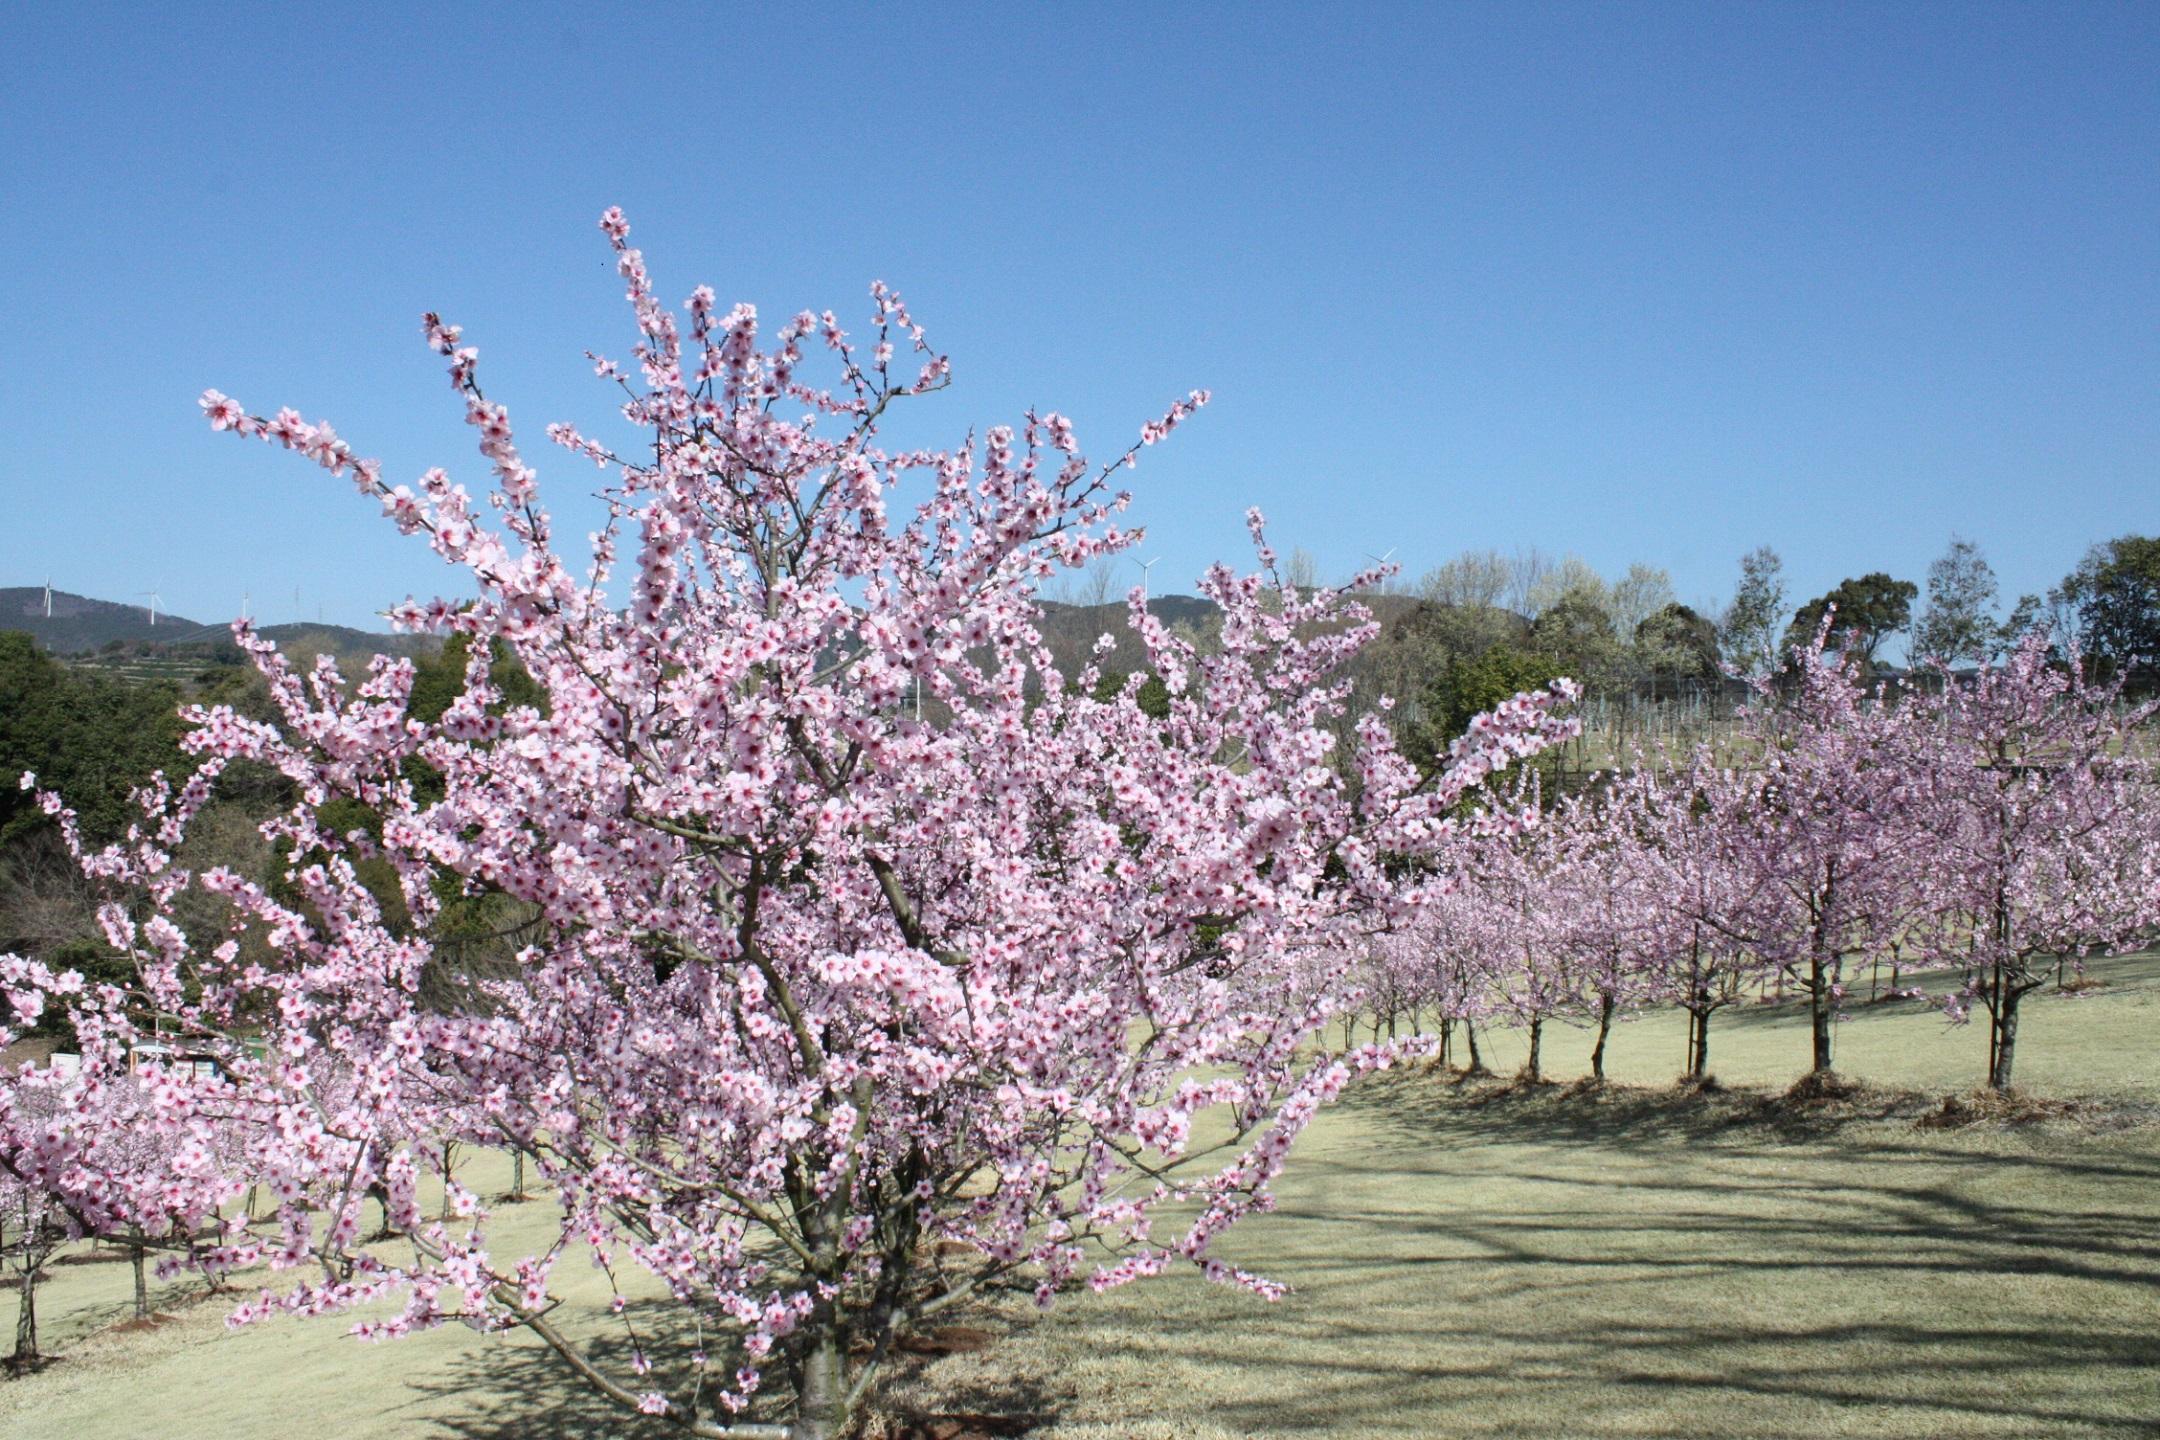 桜にそっくりの花が咲くアーモンド。花の中心が桜よりも少し赤く色づく